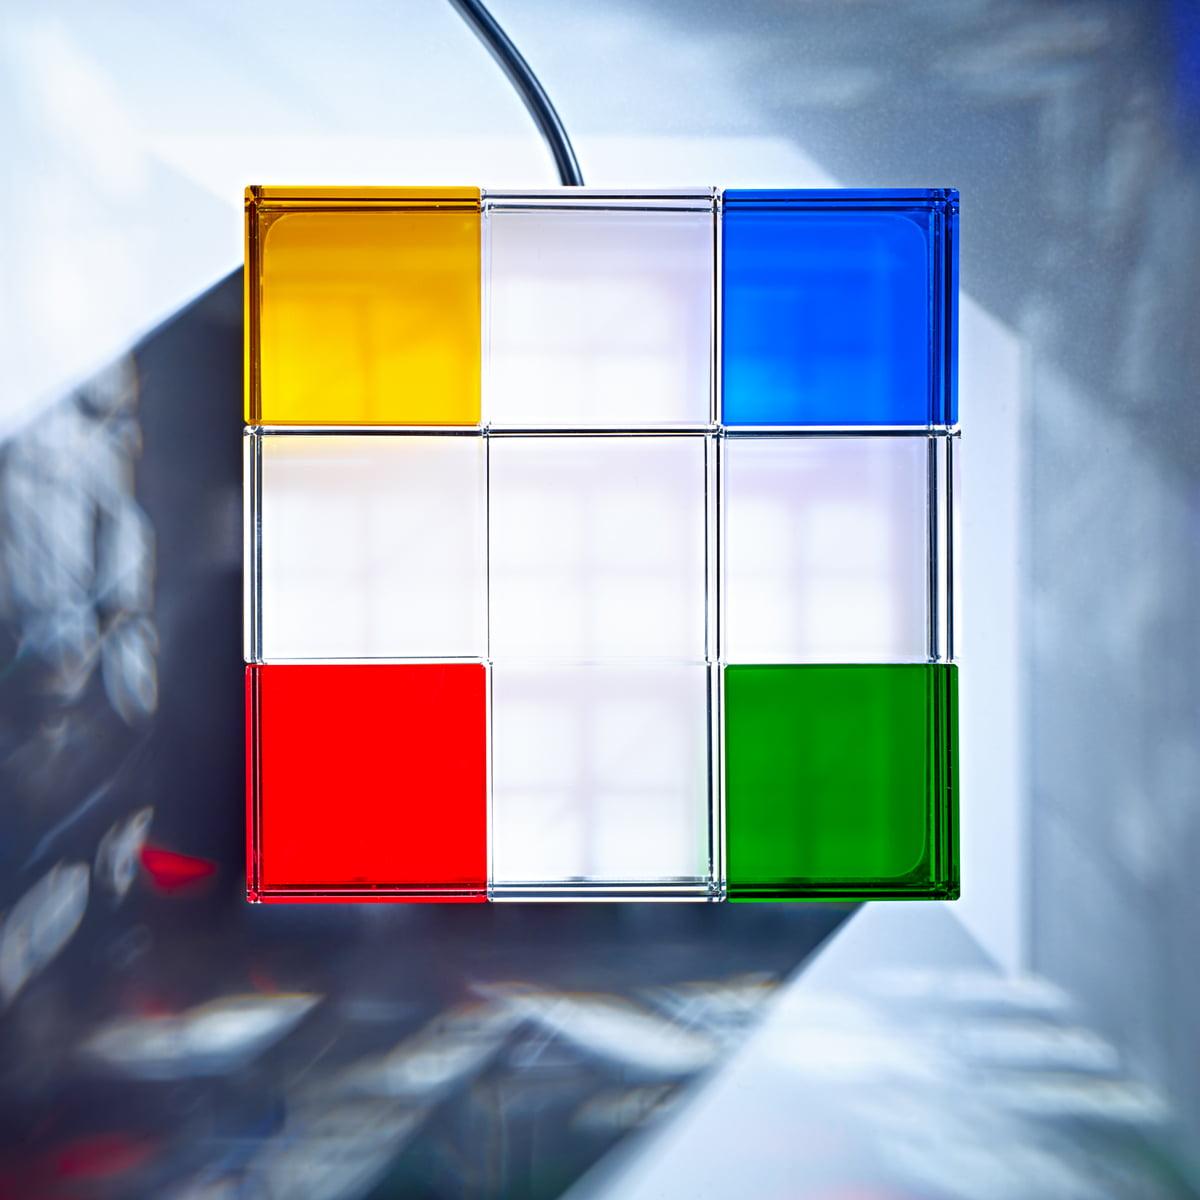 cube lampe amazing ambiance zen salle de bain lampe veilleuse design cube lumineux led change. Black Bedroom Furniture Sets. Home Design Ideas